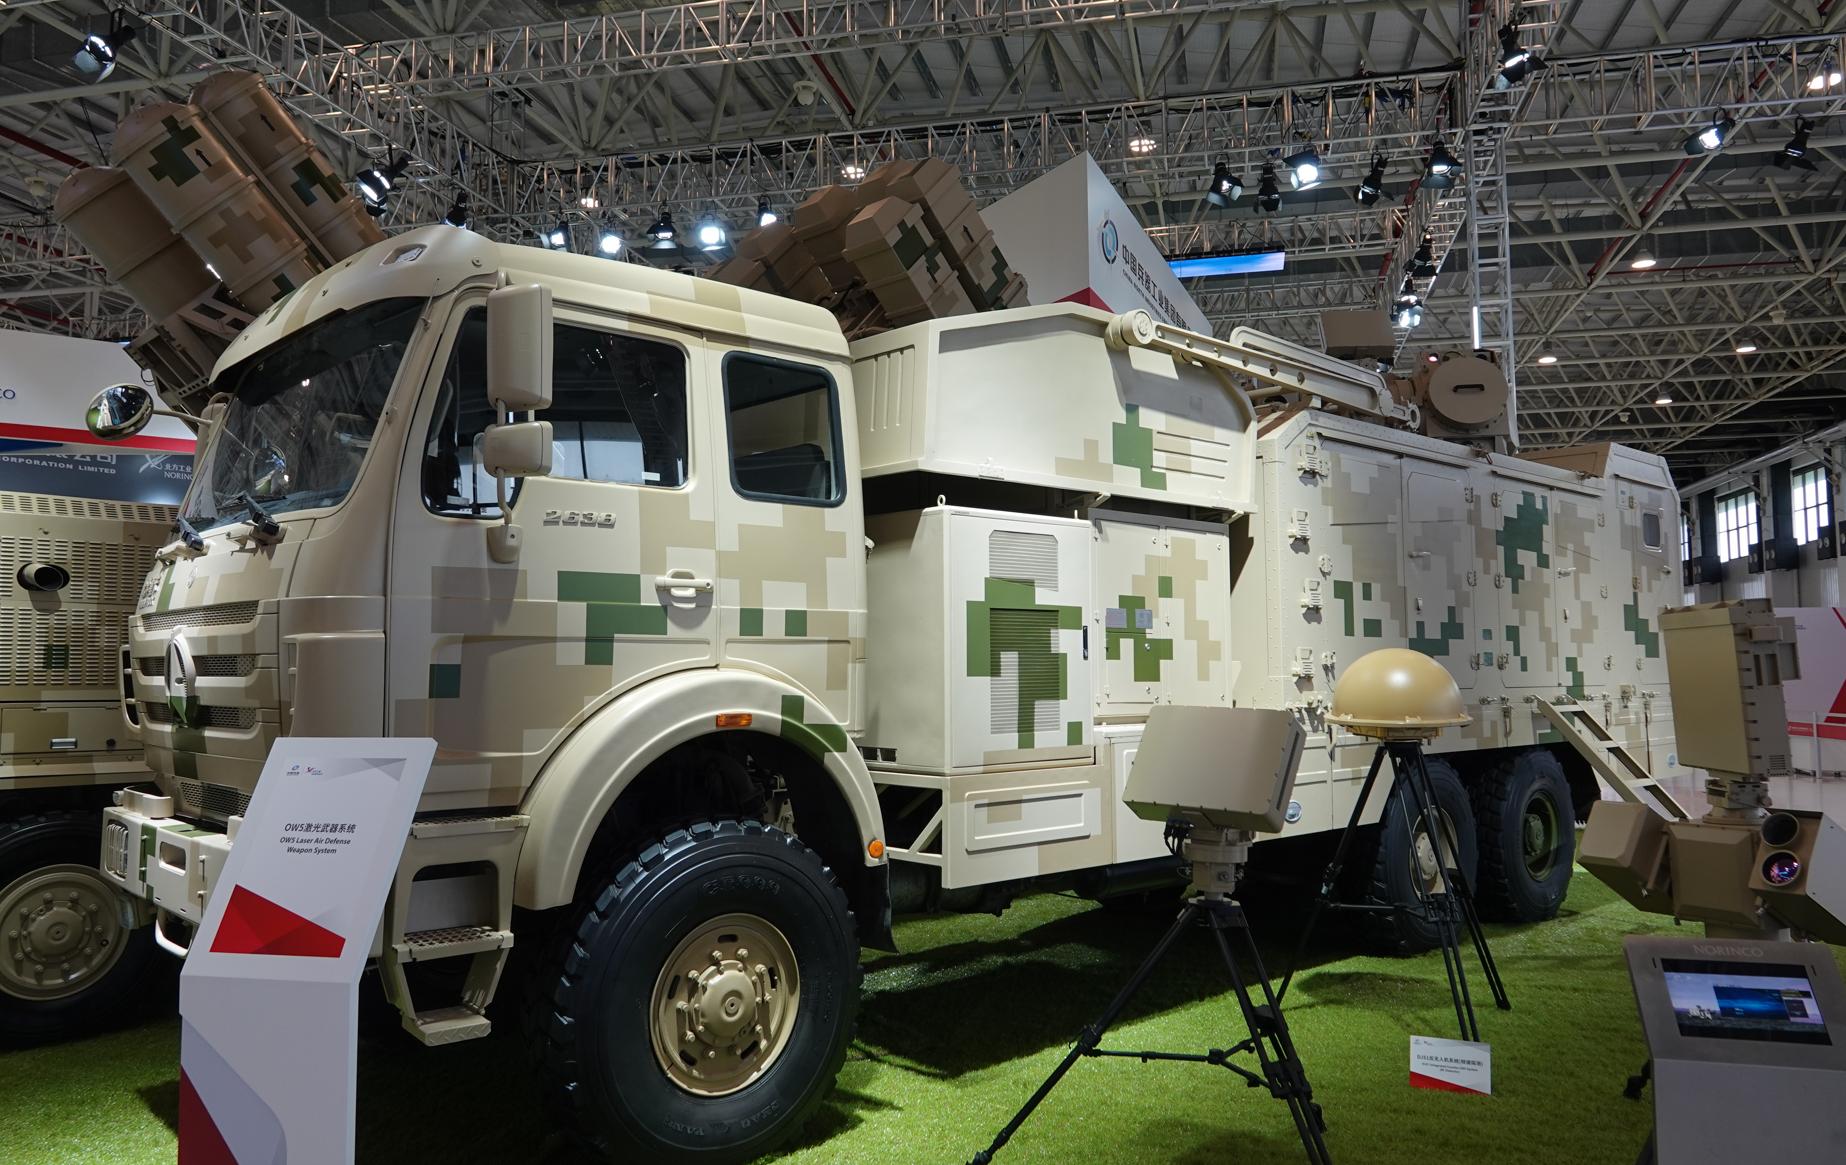 OW5激光武器系统。